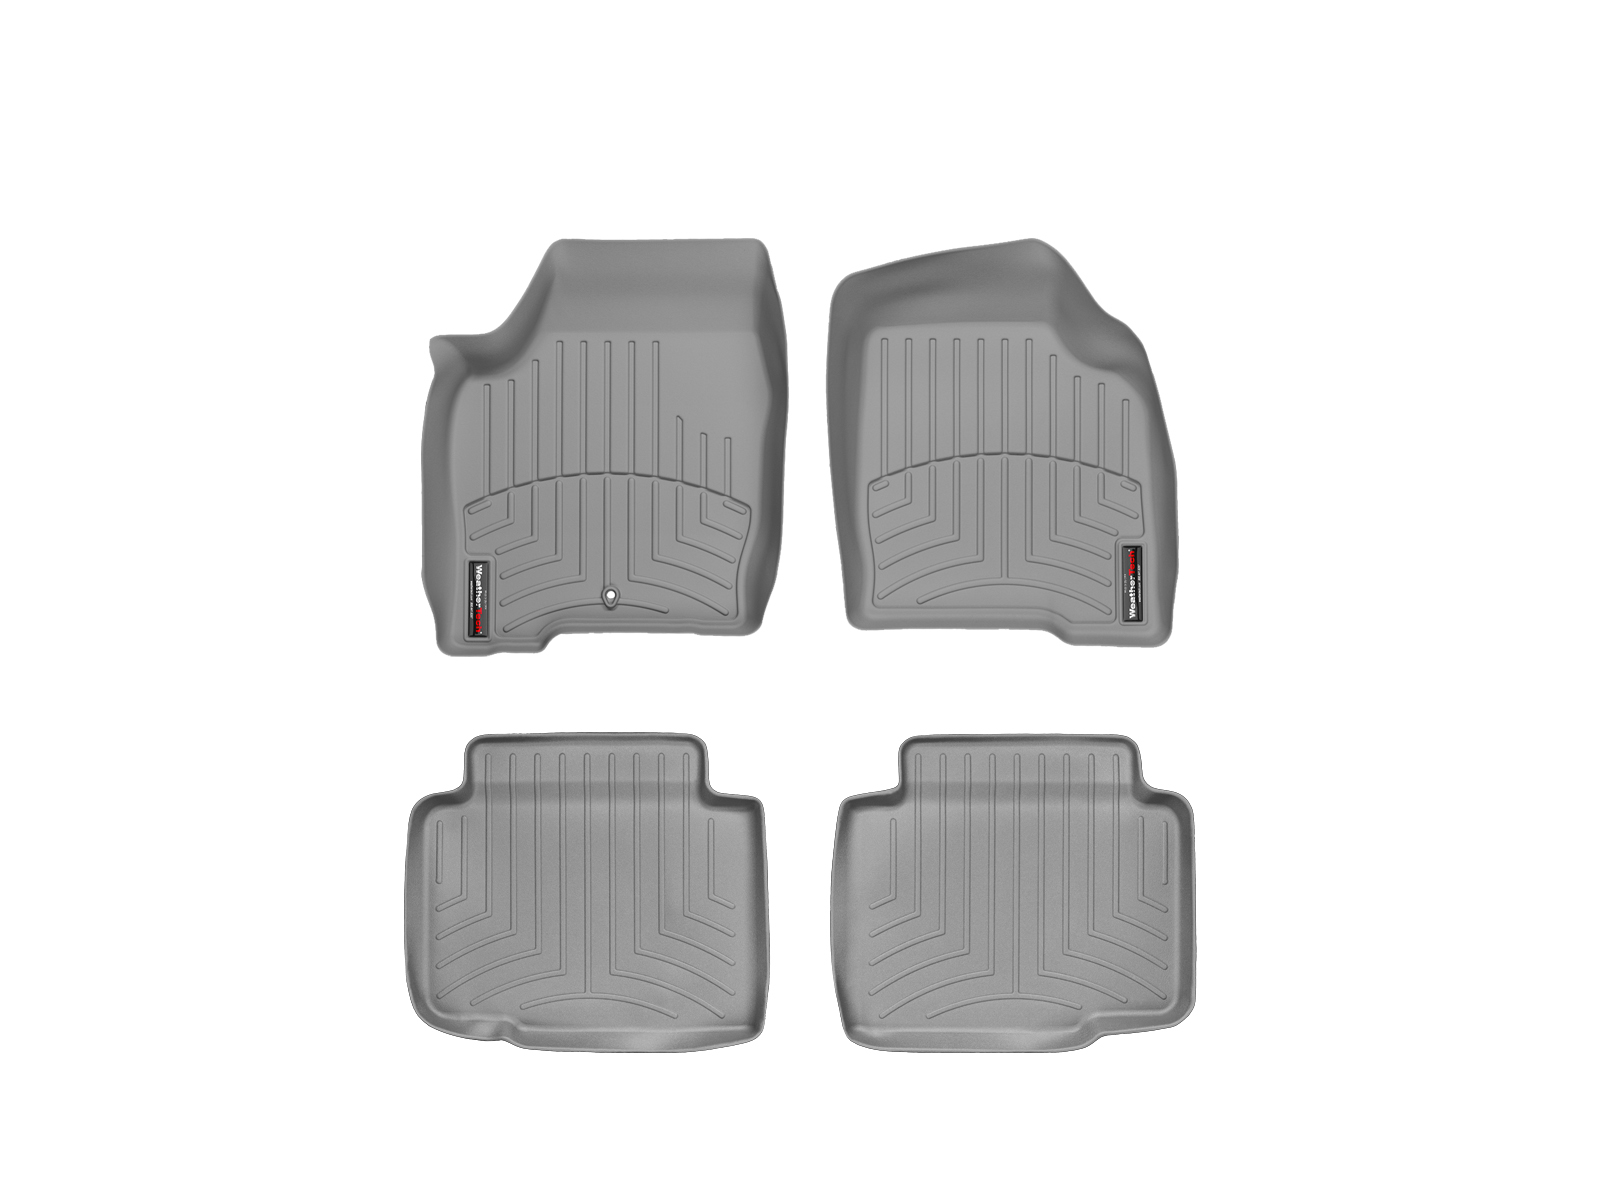 Tappeti gomma su misura bordo alto Chevrolet Impala Limited 14>16 Grigio A137